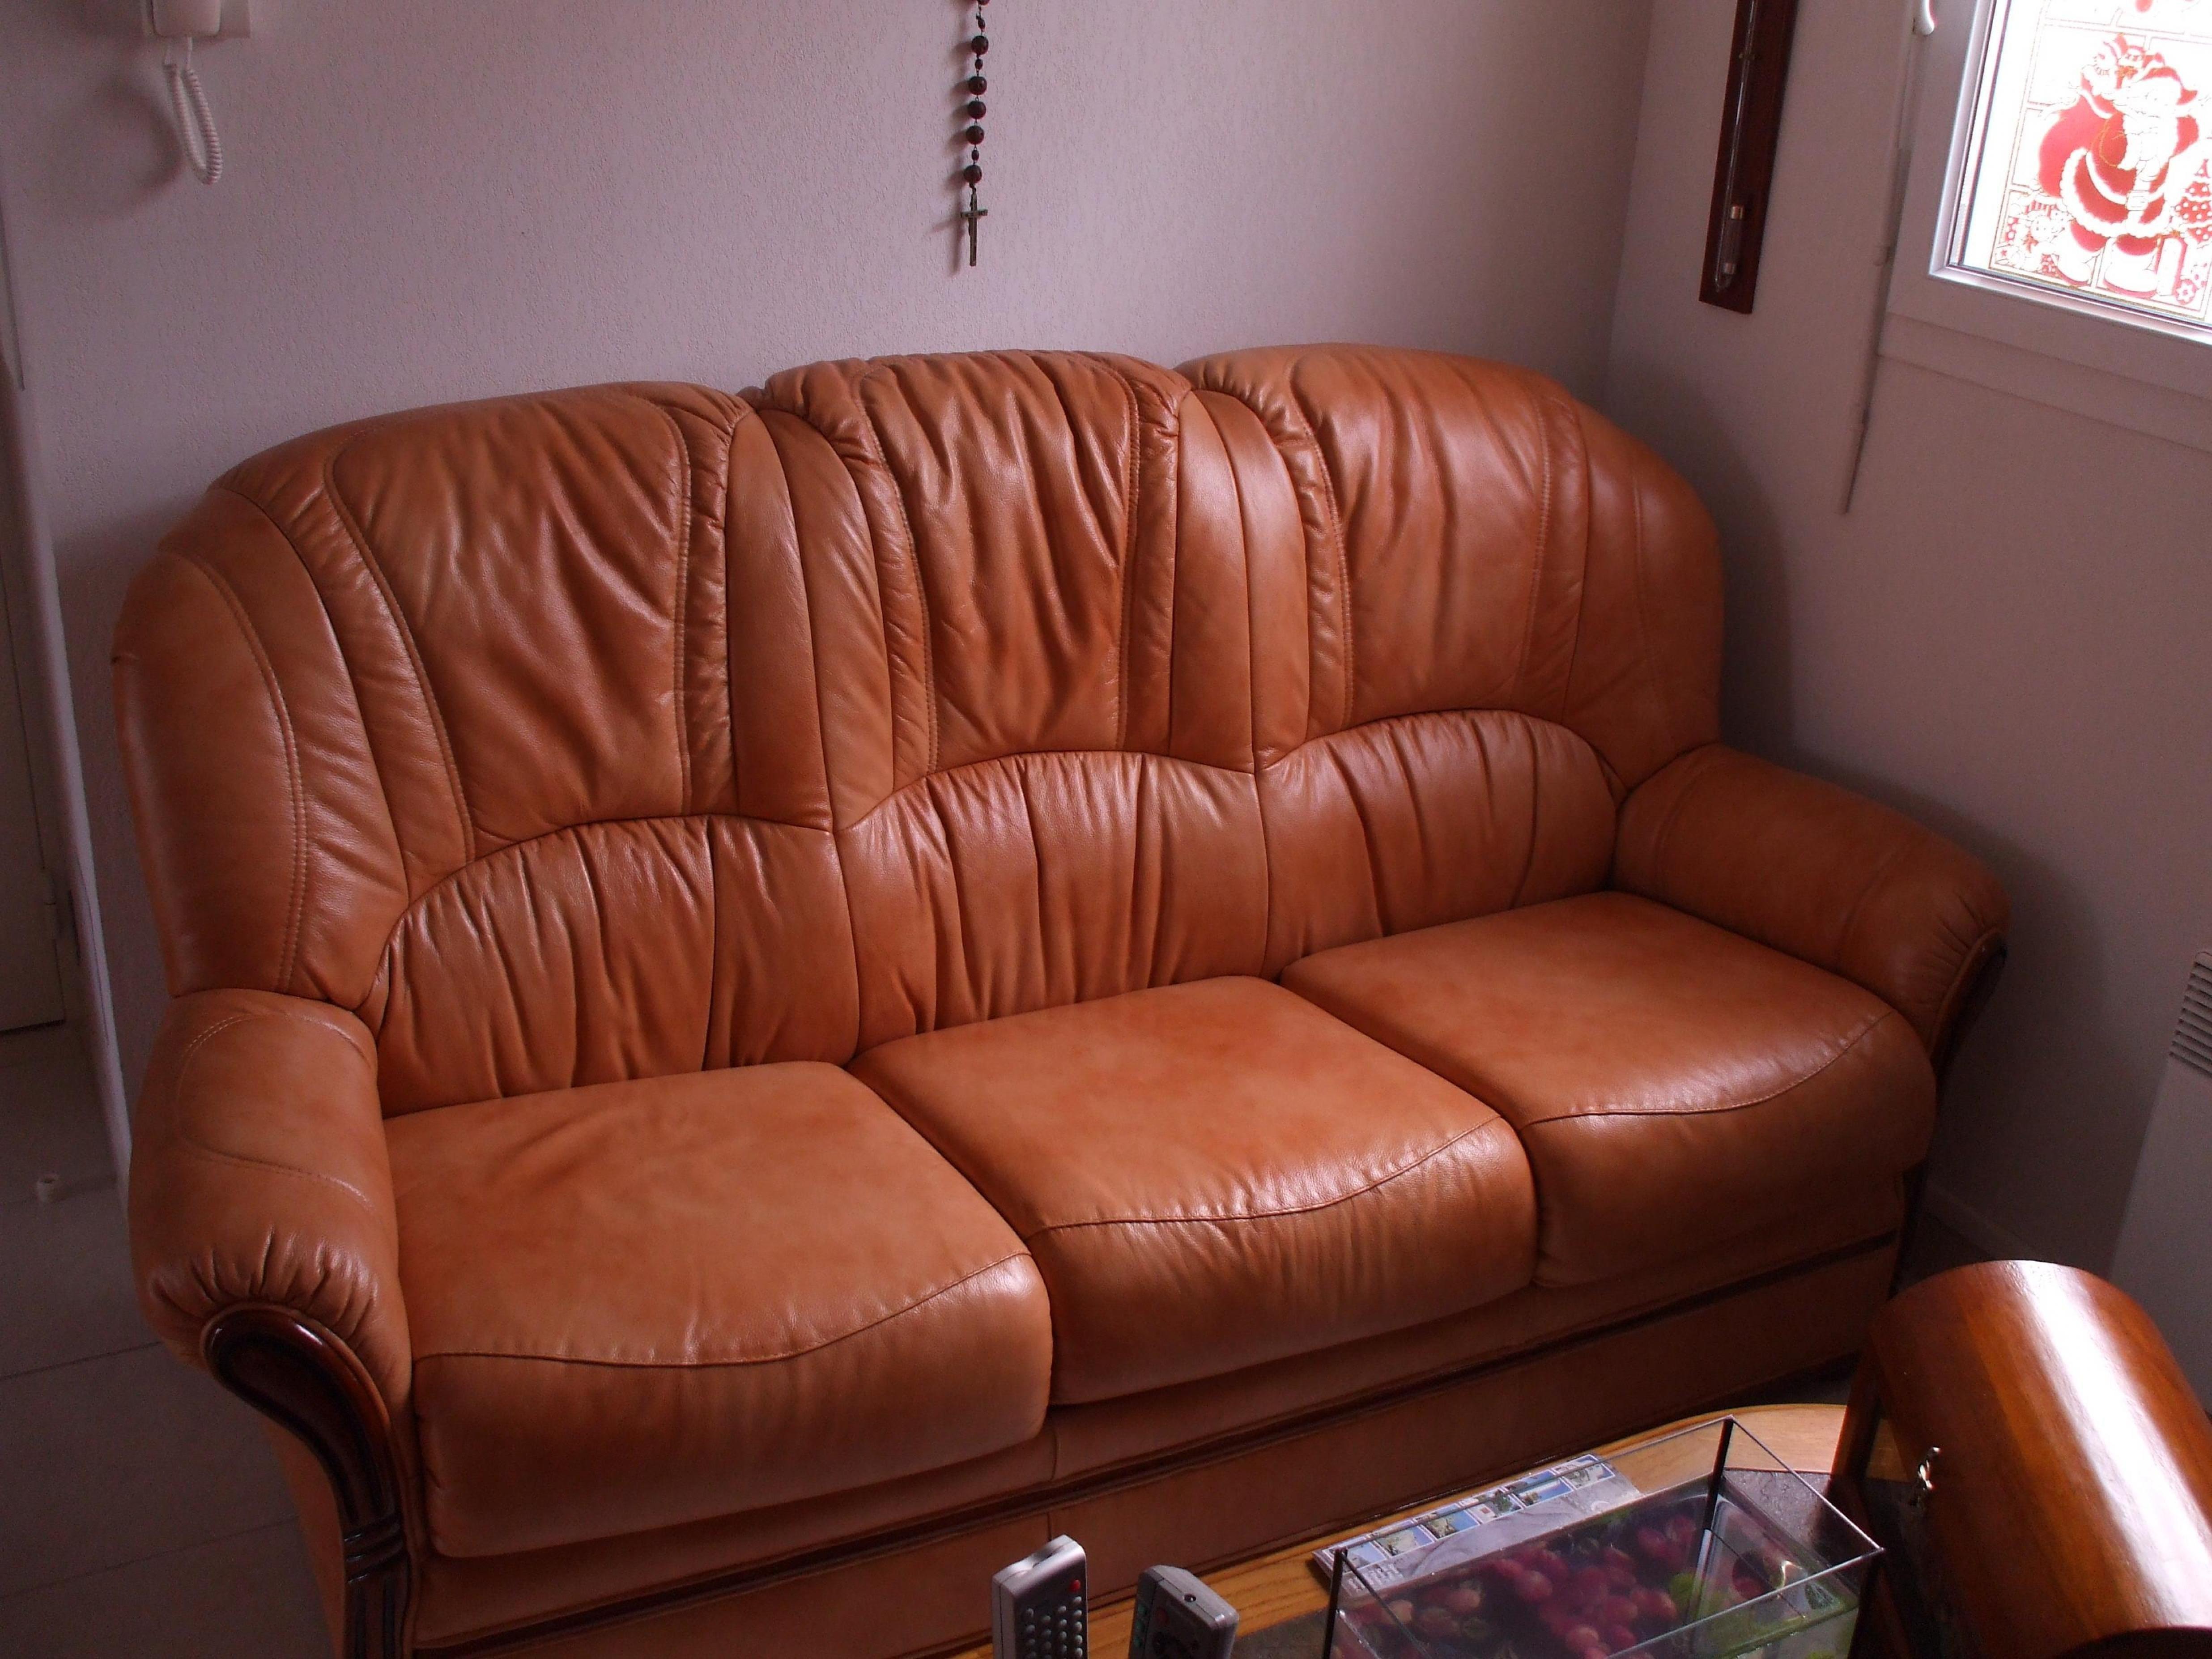 troc de troc don de mobiliers de maison image 0